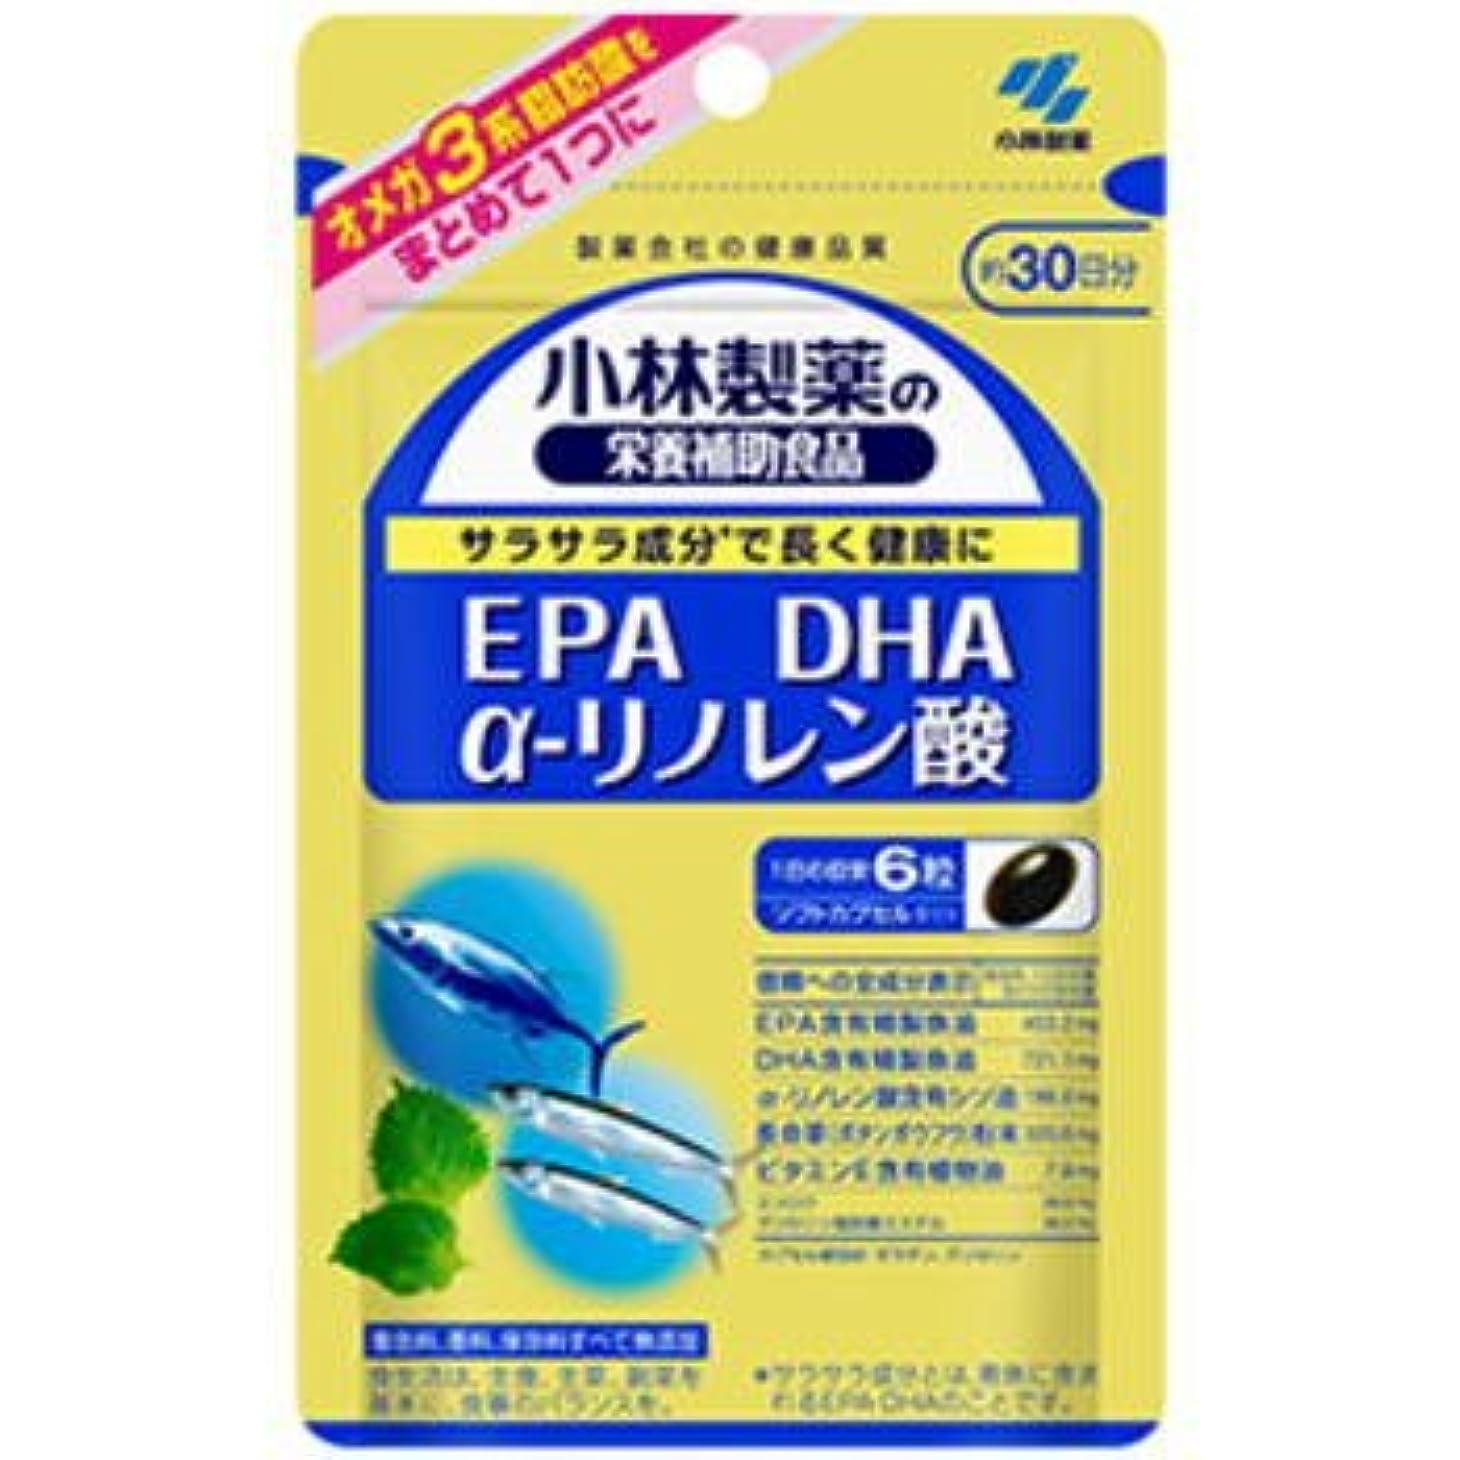 ステッチ投げる名前小林製薬 EPA DHA α-リノレン酸 180粒×3個セット【ネコポス発送】